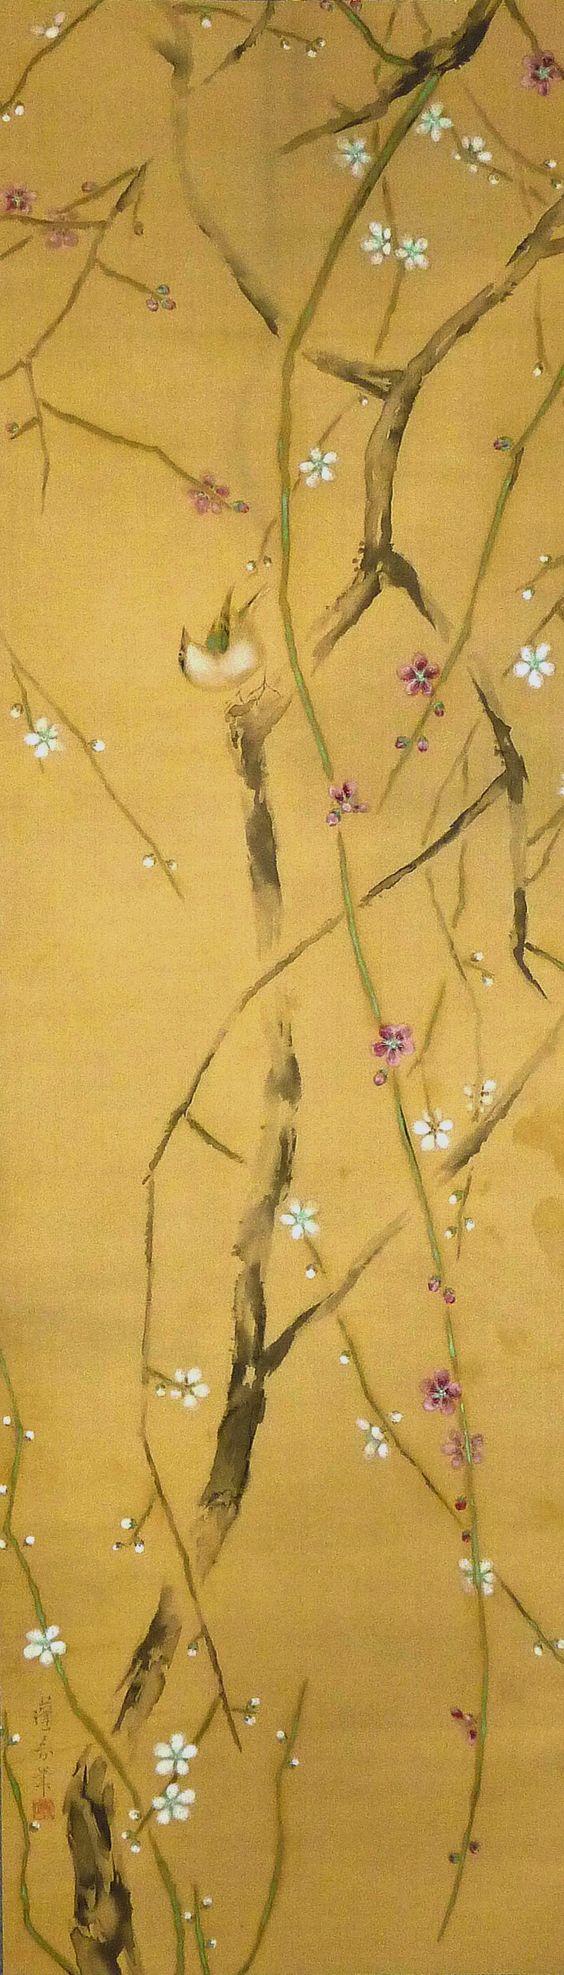 Hoshun Yamaguchi 山口蓬春 (1893-1971).